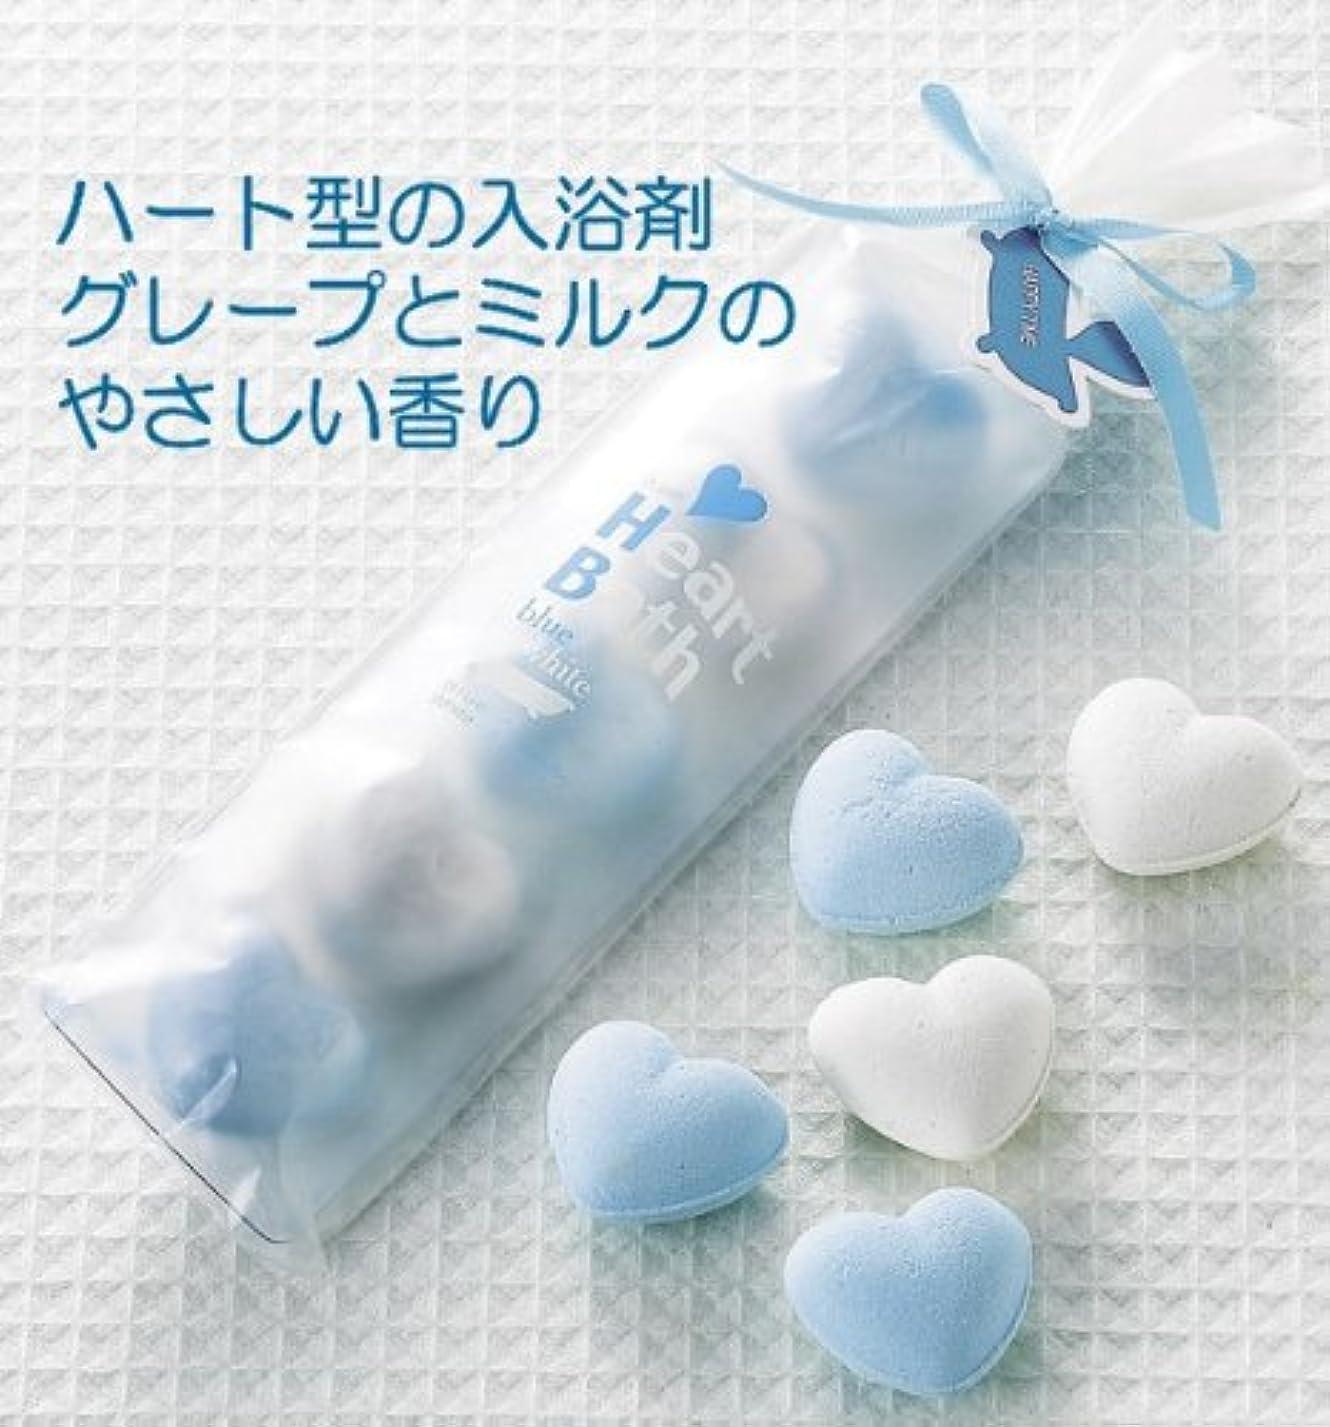 ハート型の入浴剤 グレープ&ミルク